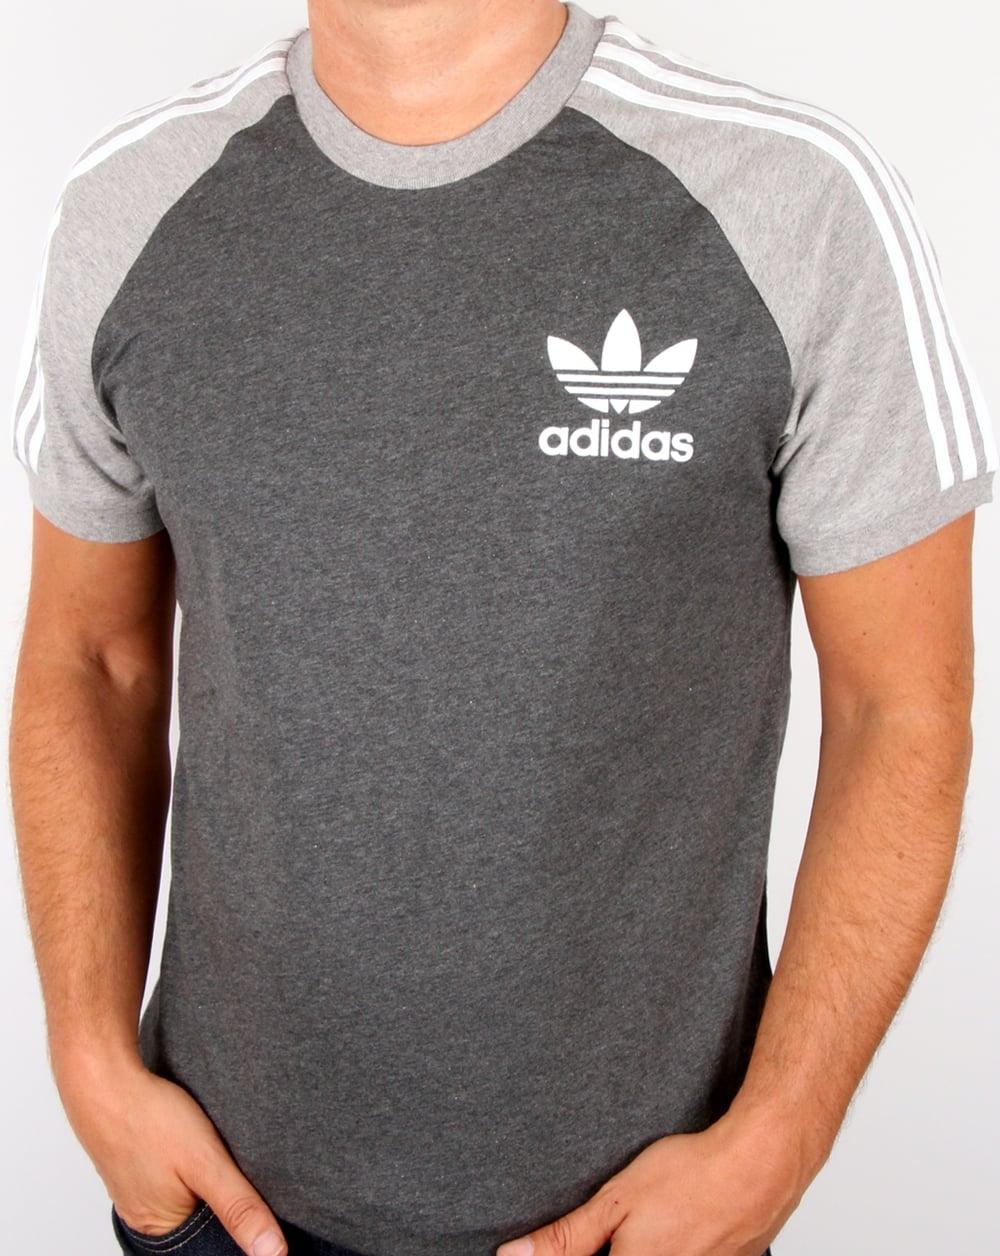 Adidas originals retro 3 stripe t shirt dark grey light Grey striped t shirt